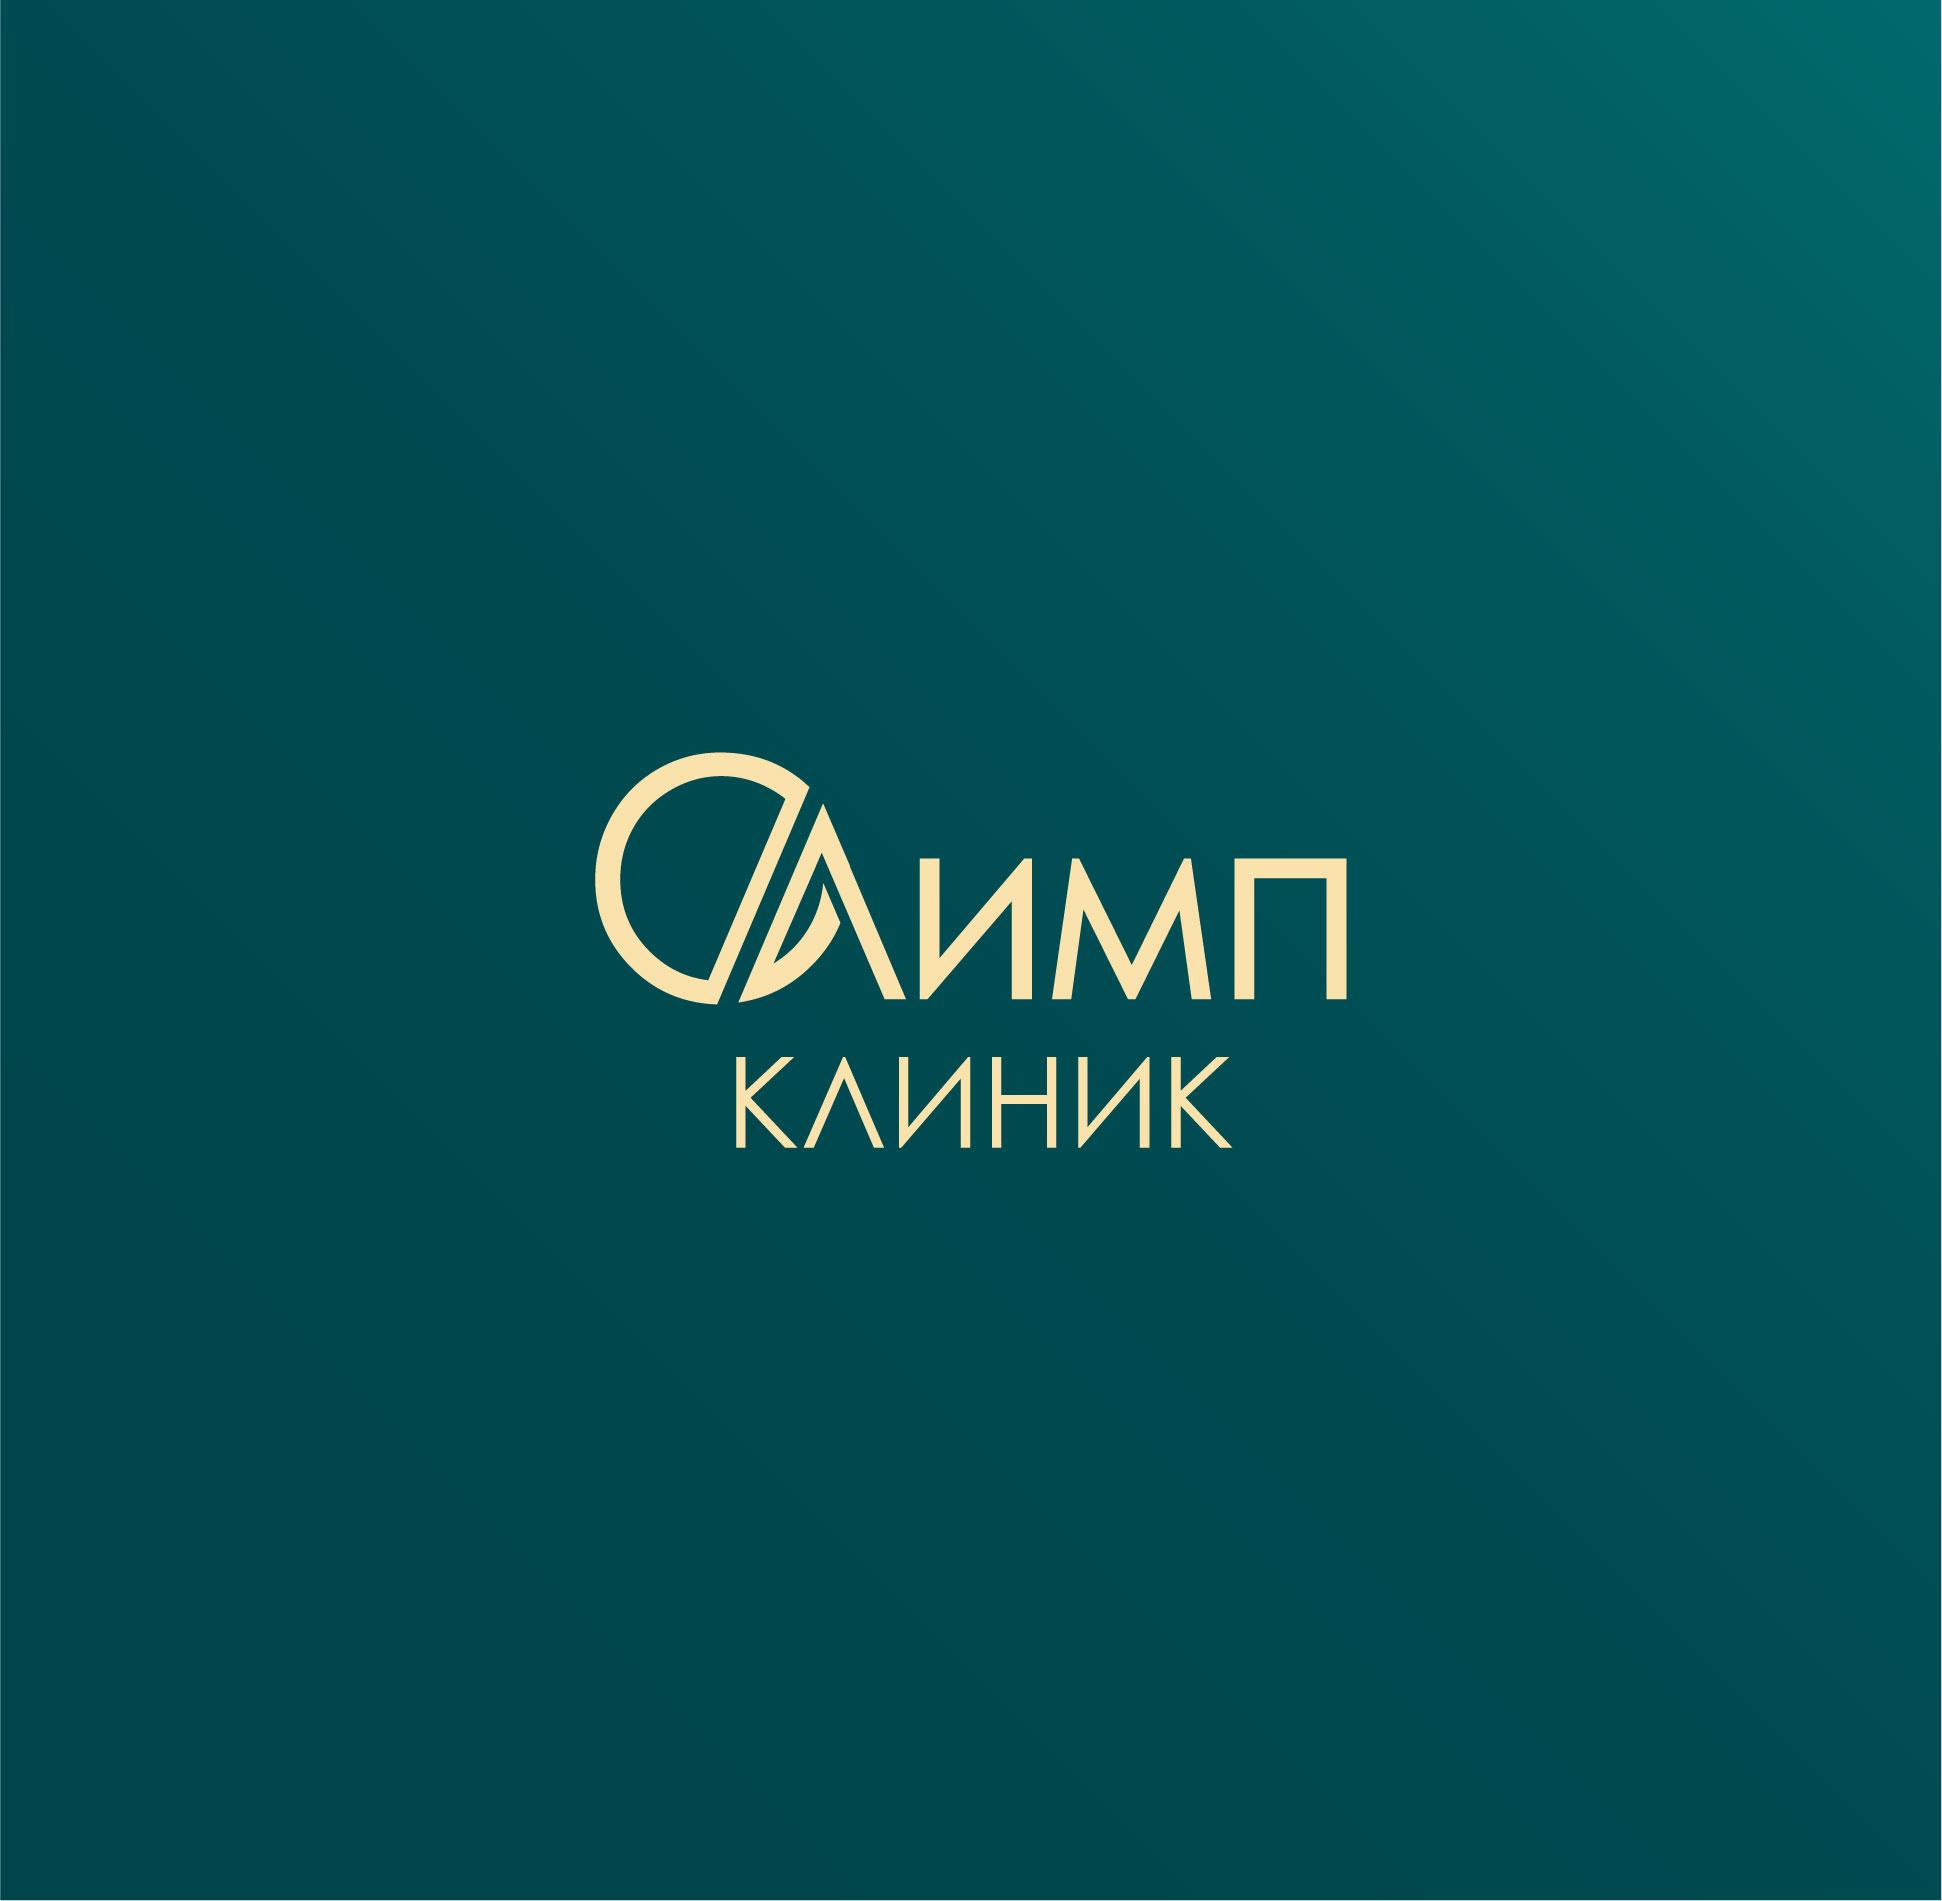 Разработка логотипа и впоследствии фирменного стиля фото f_5575f2469e0b27ee.jpg